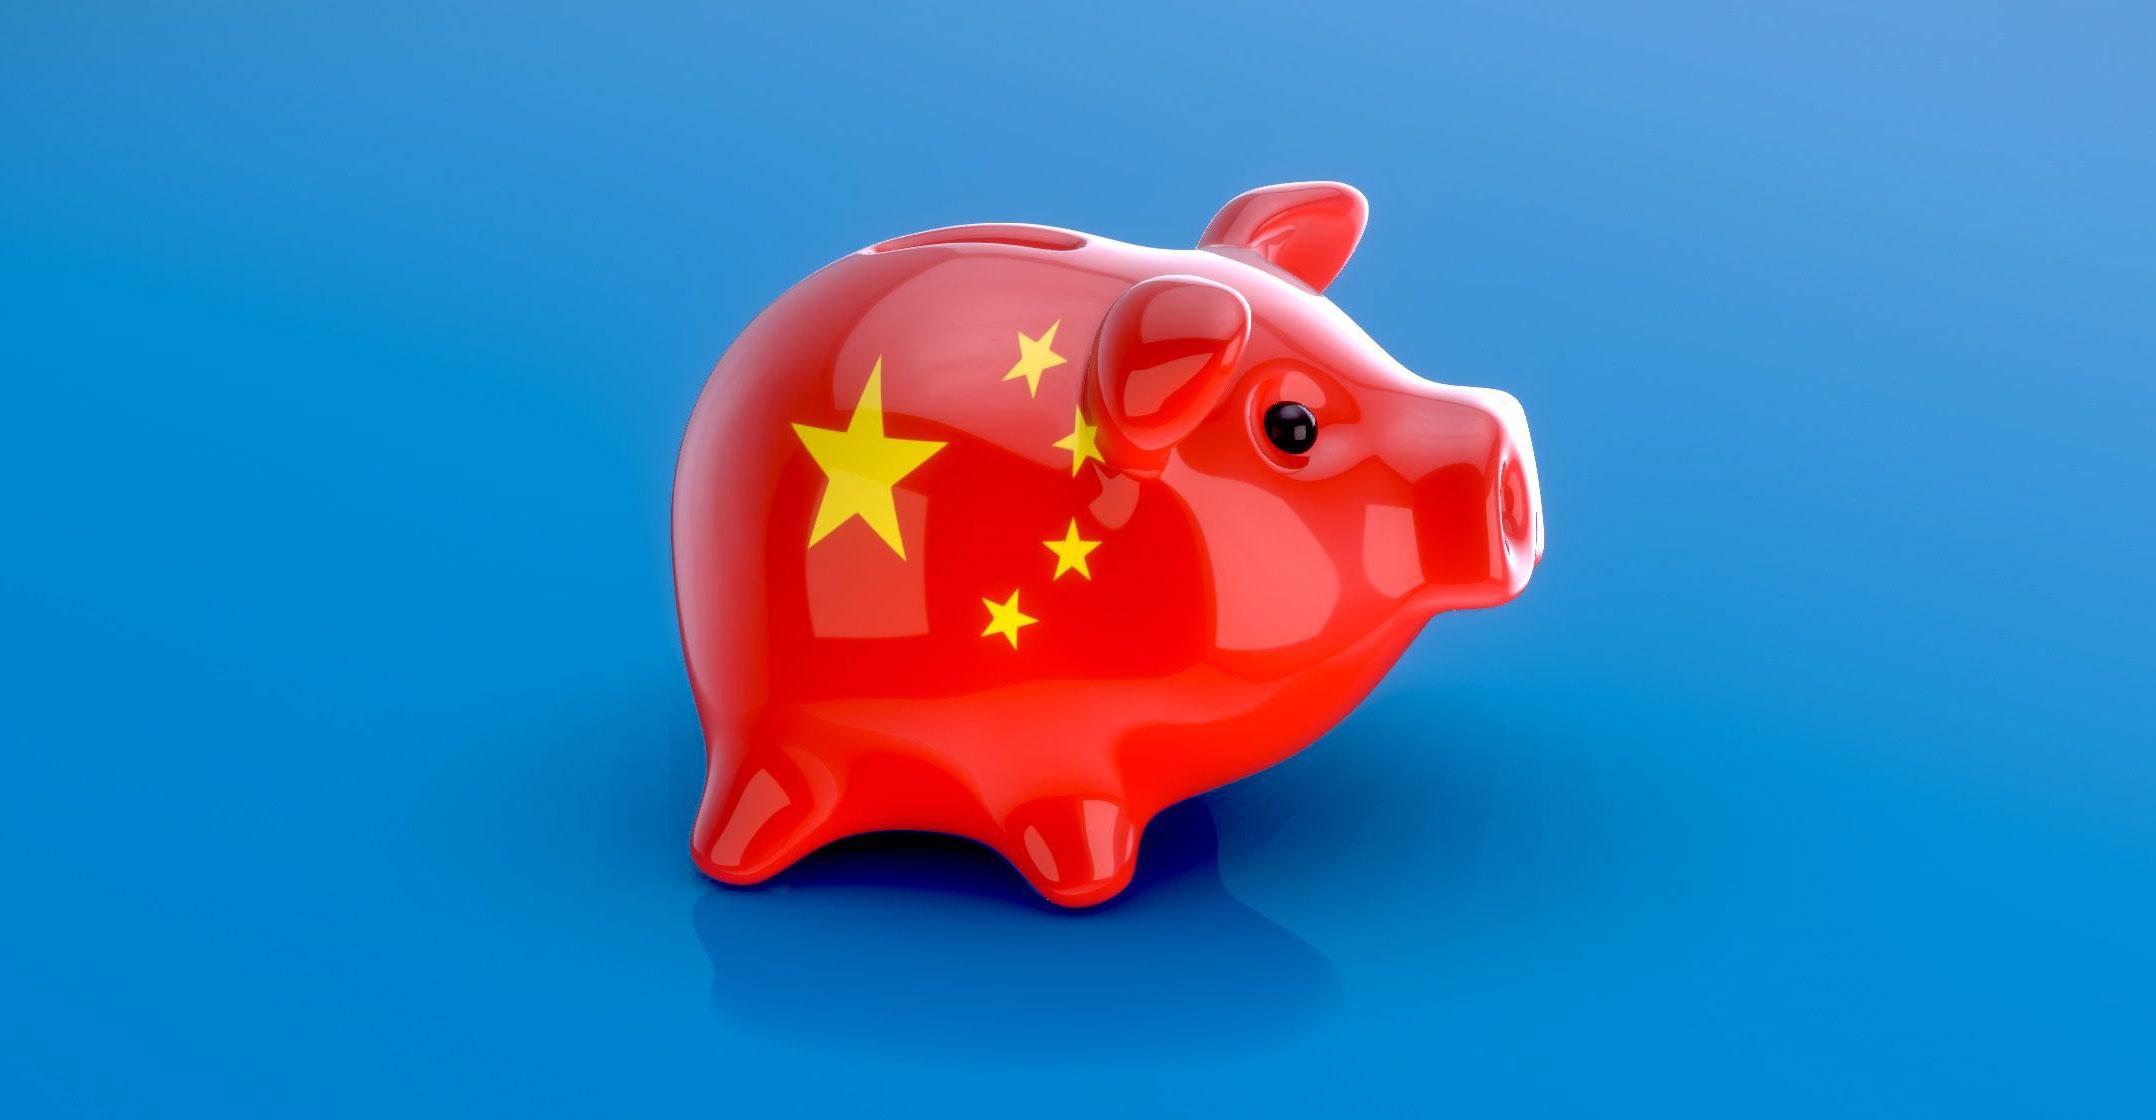 Cryptocurrency Cina adalah semua tentang penelusuran - dan kekuasaan